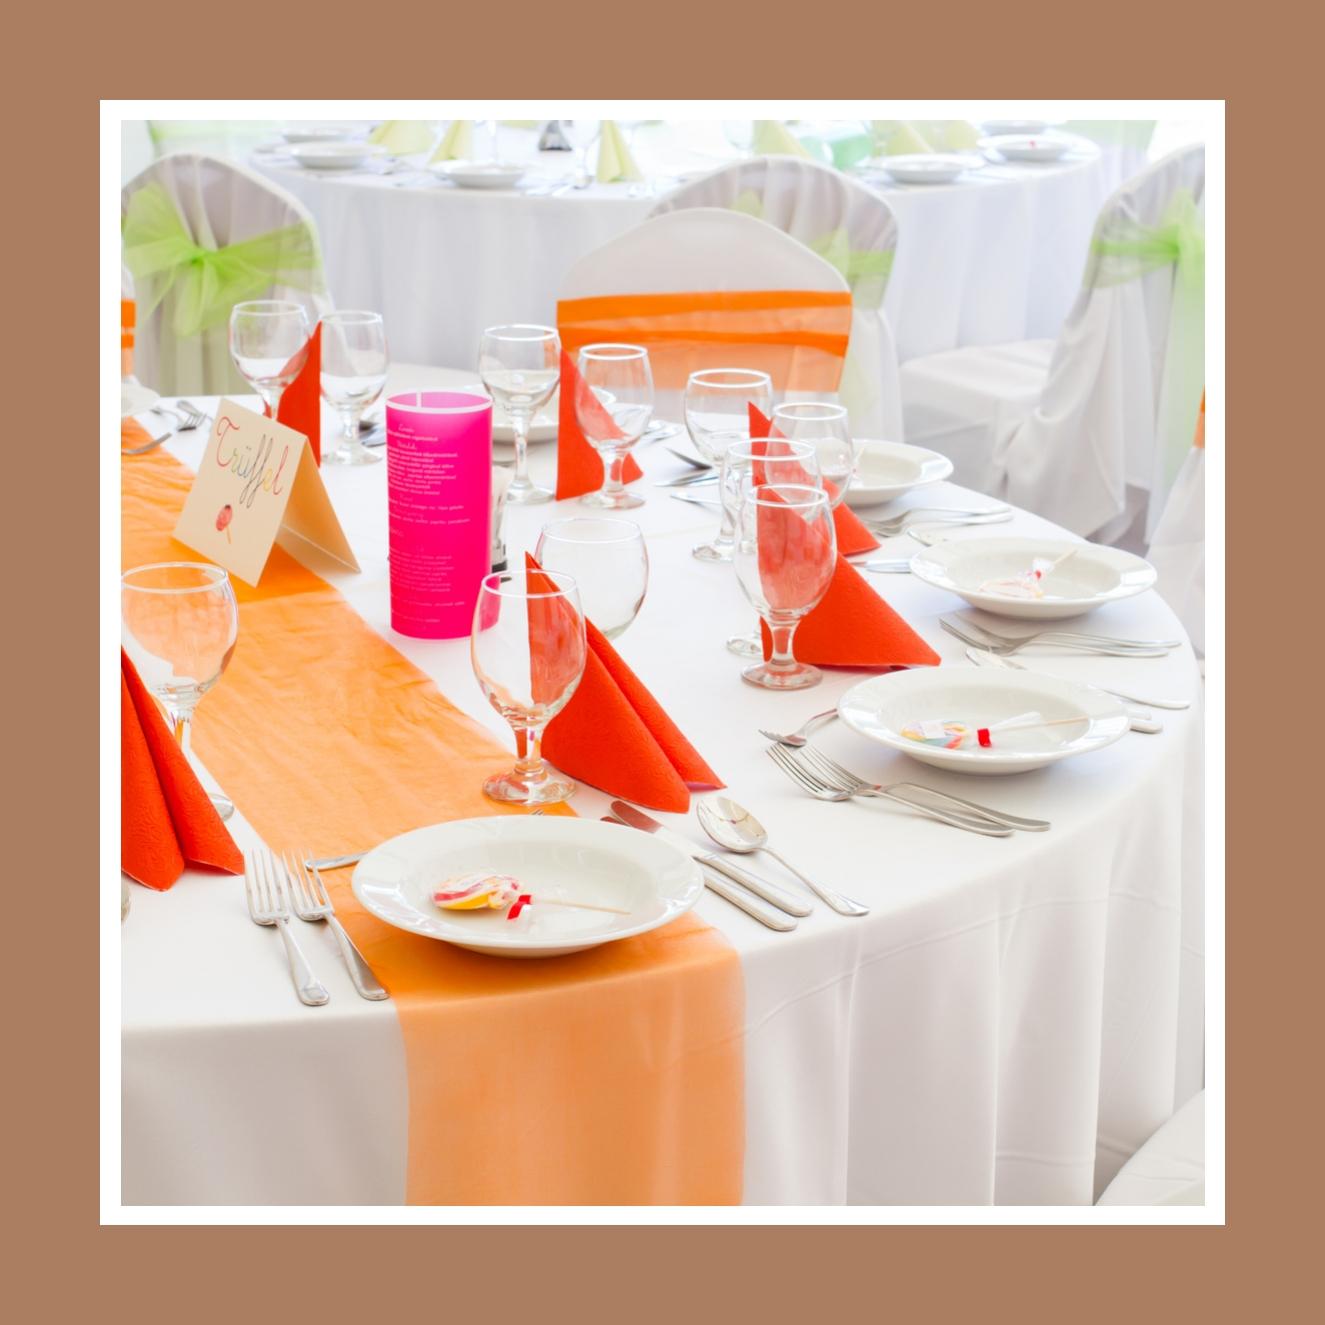 Orangefarbene oder grüne Farbakzente dank Schleifen, Tischläufern und Servietten